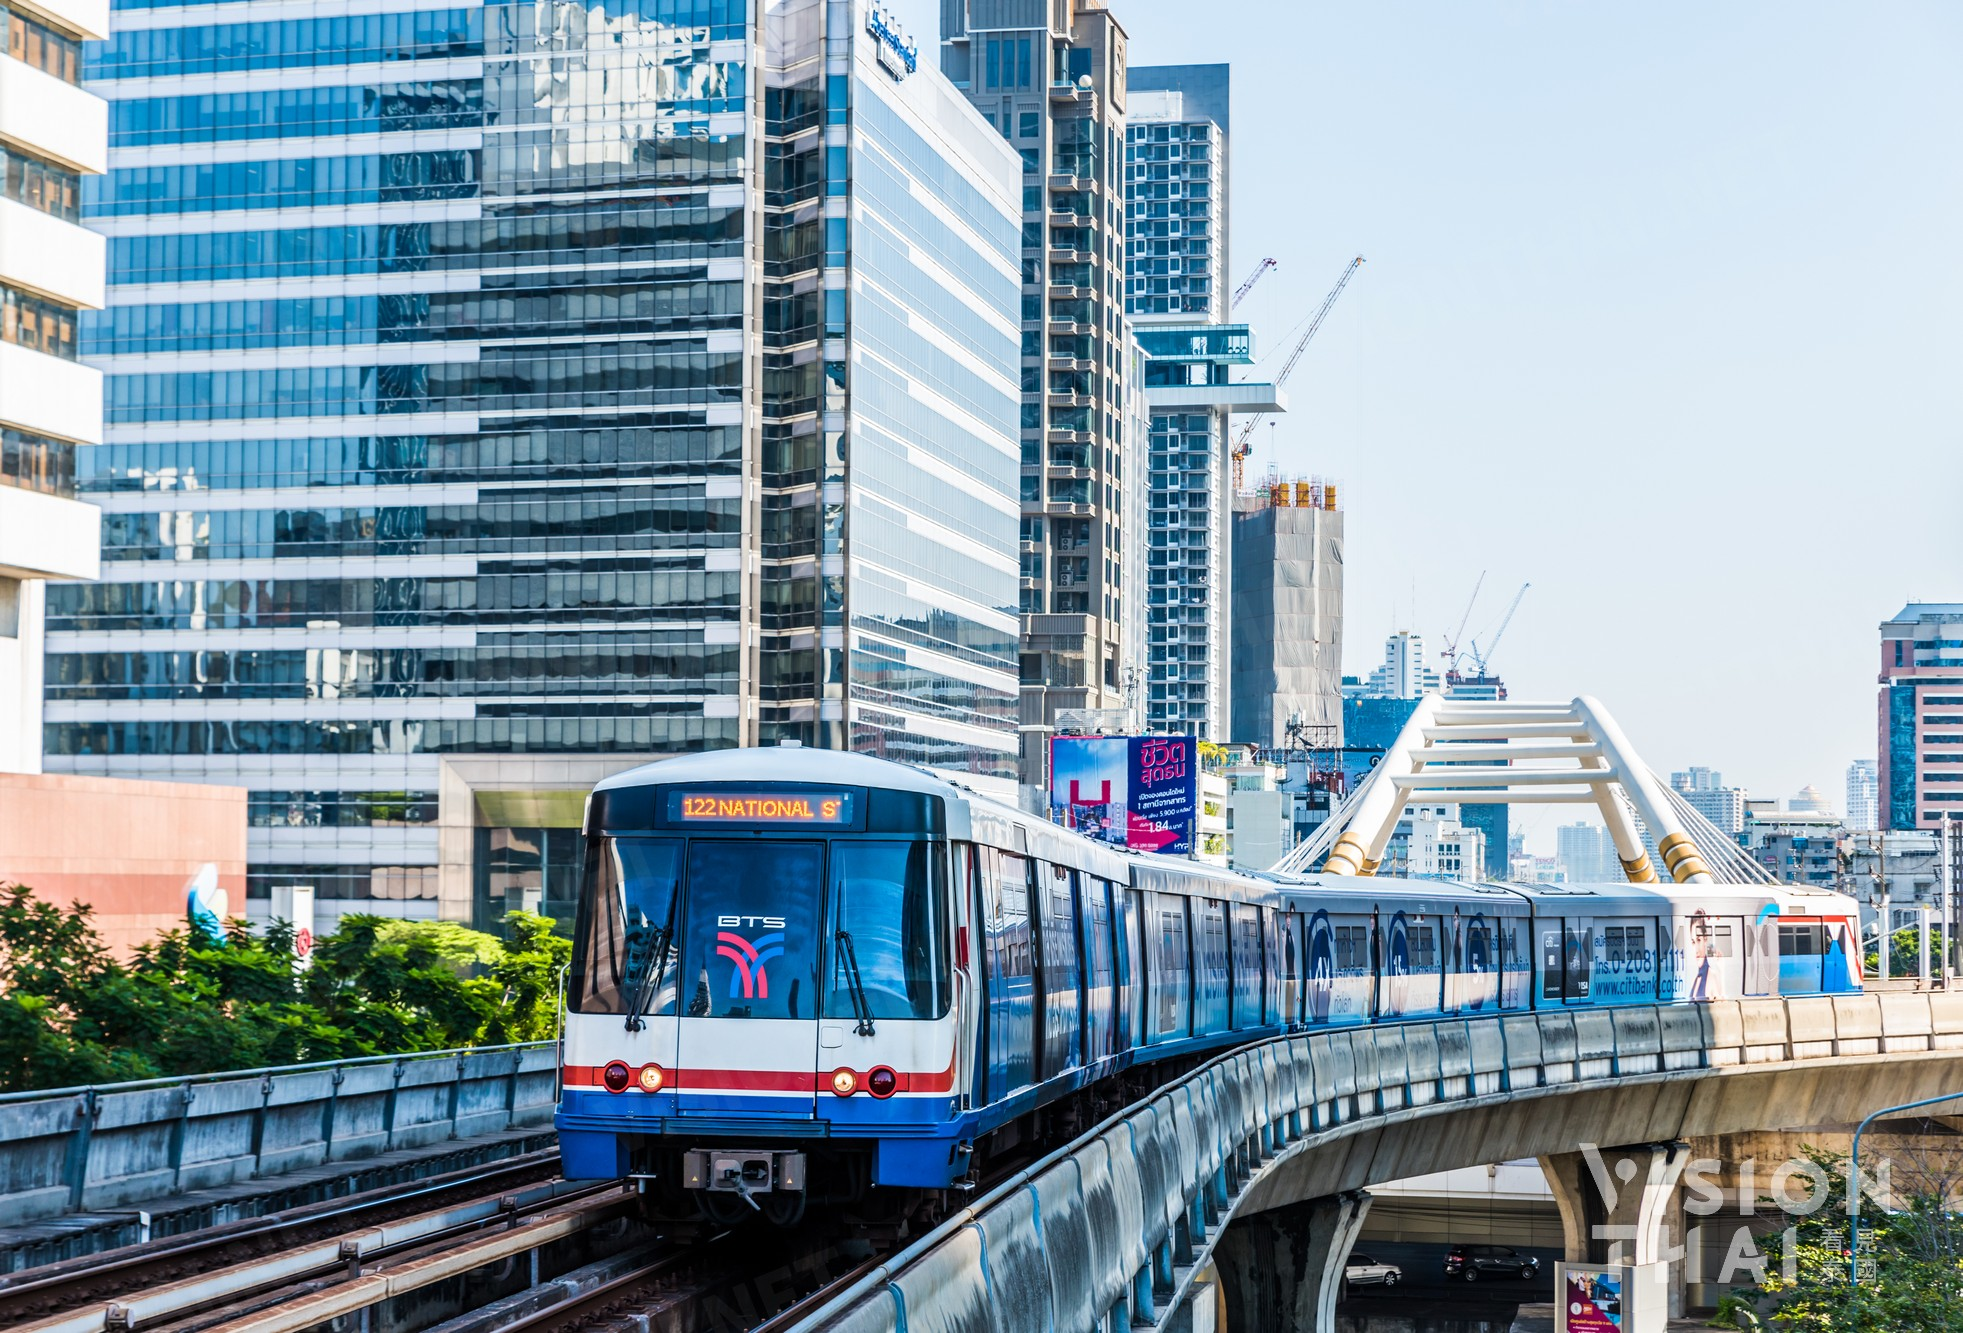 曼谷自由行|玩遍曼谷捷運BTS景點(Silom是隆線/深綠線篇)